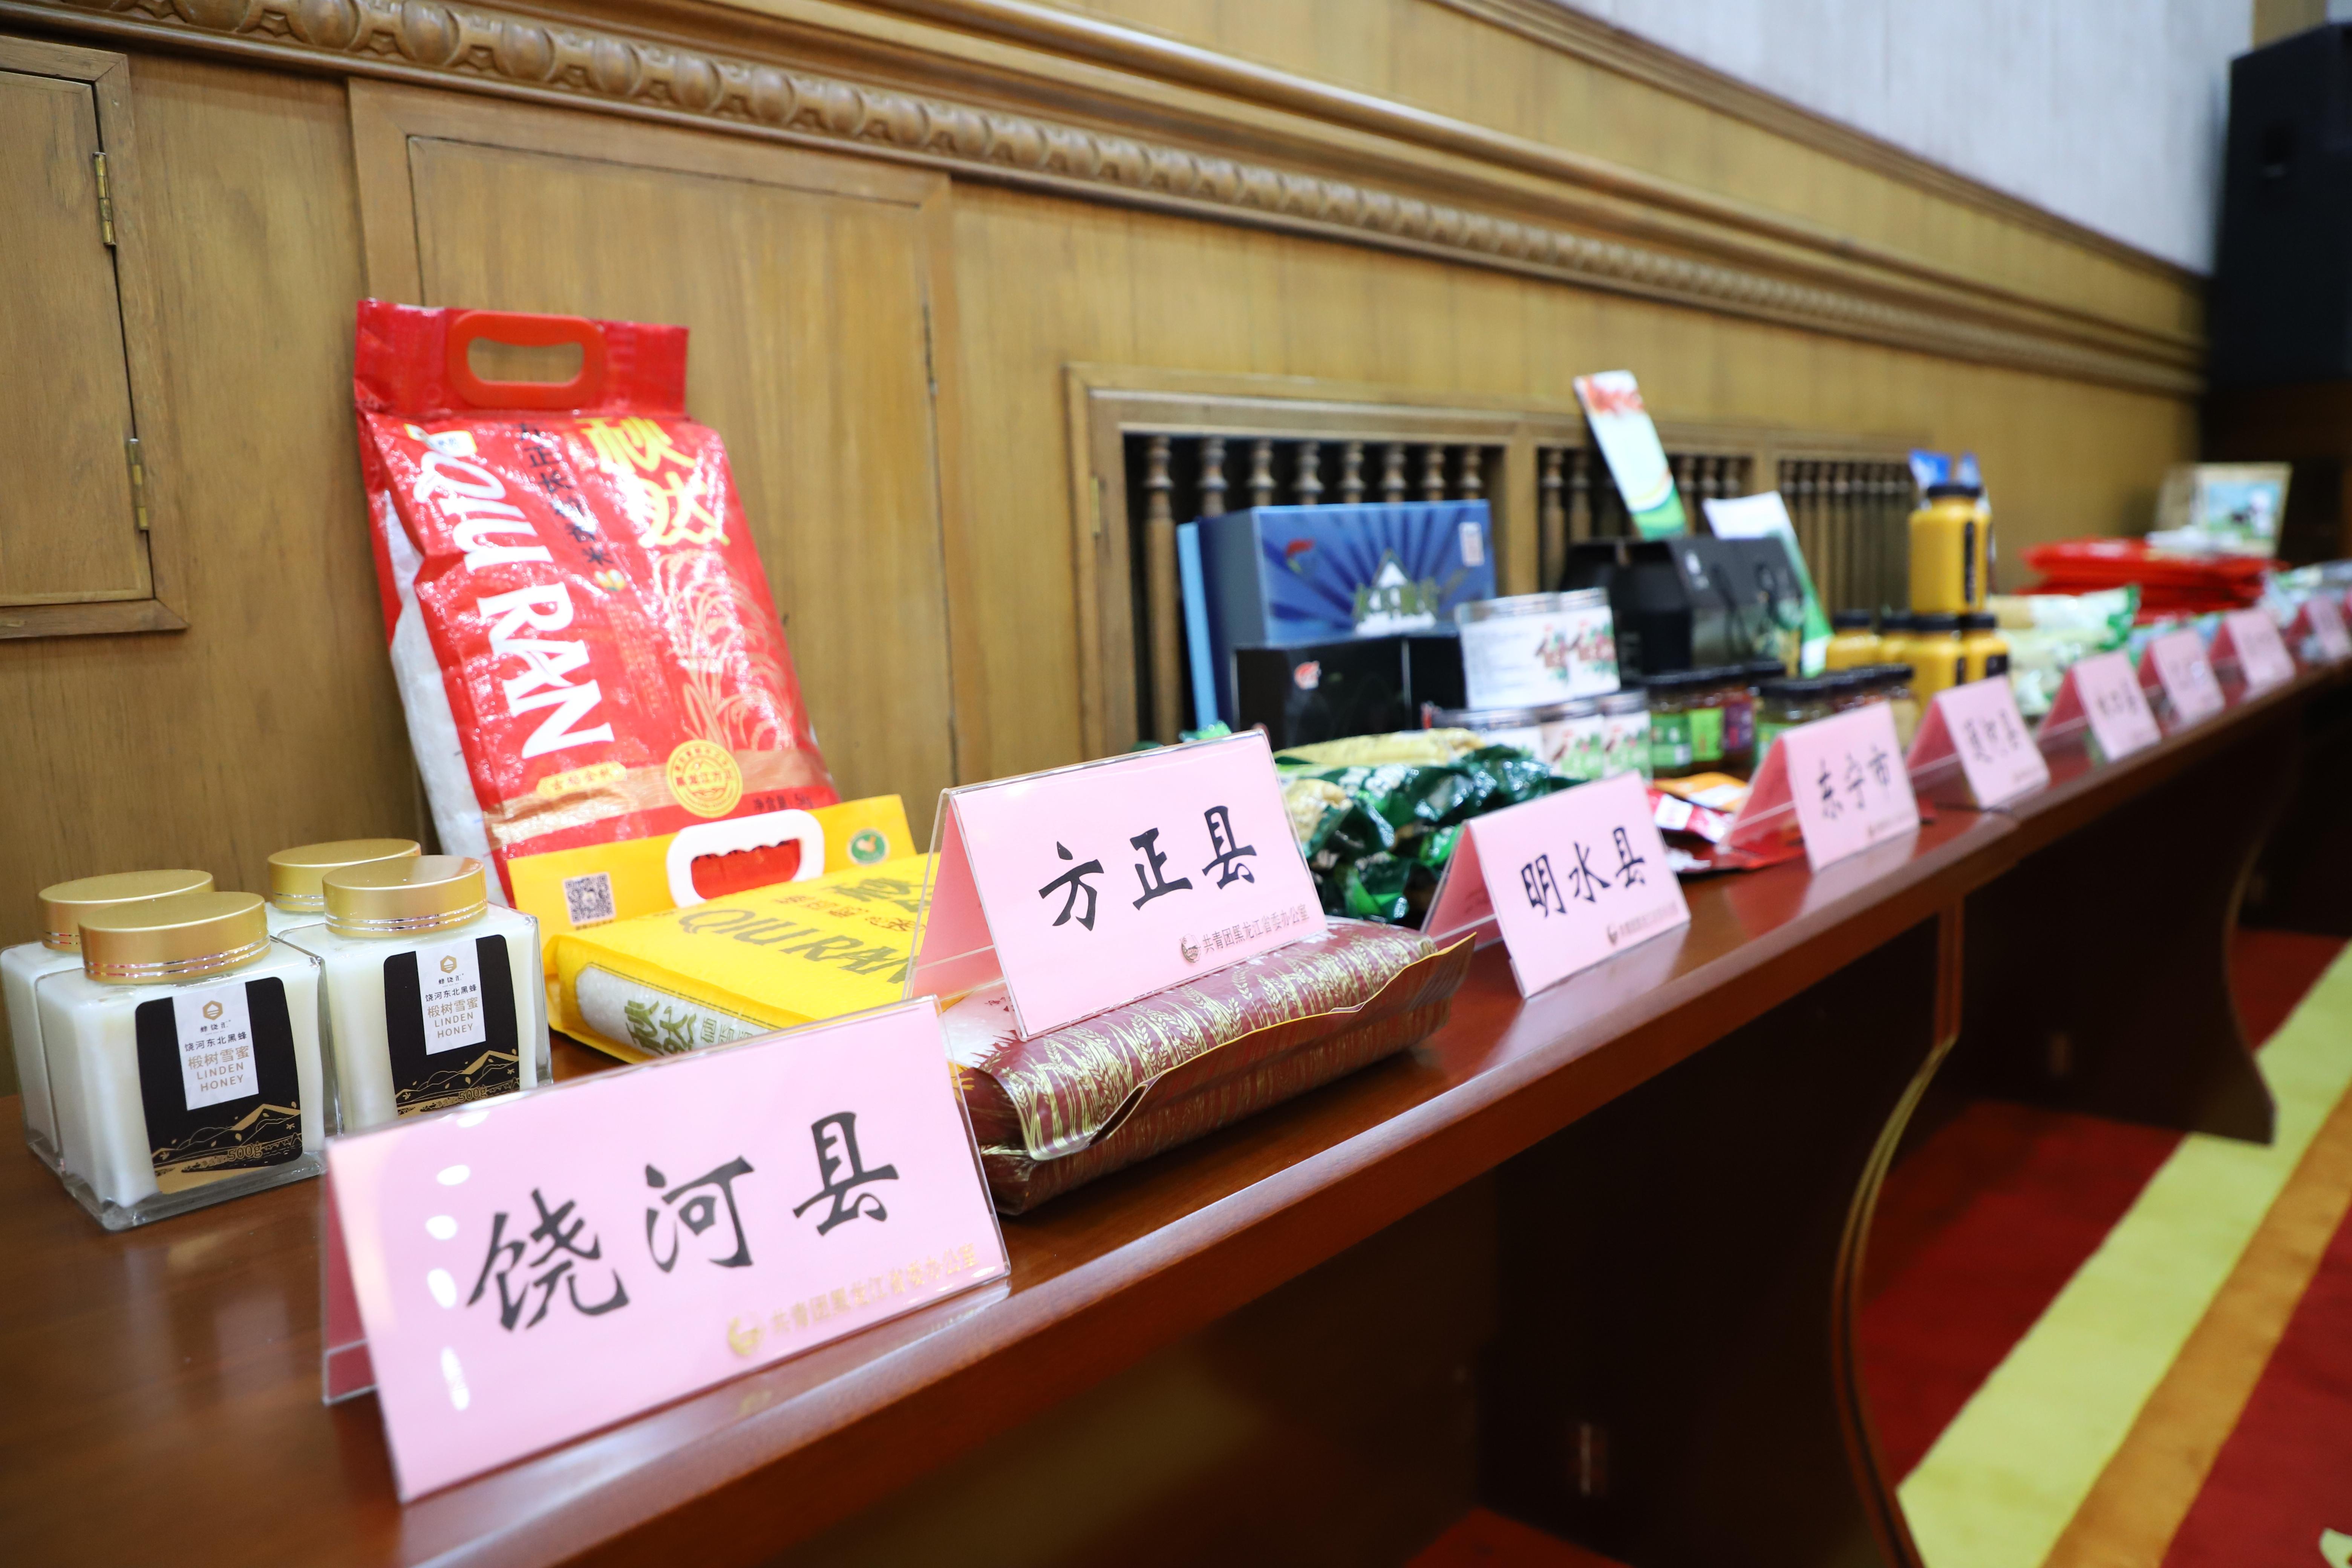 各县域和企业特色产品展示 摄影 吕岩